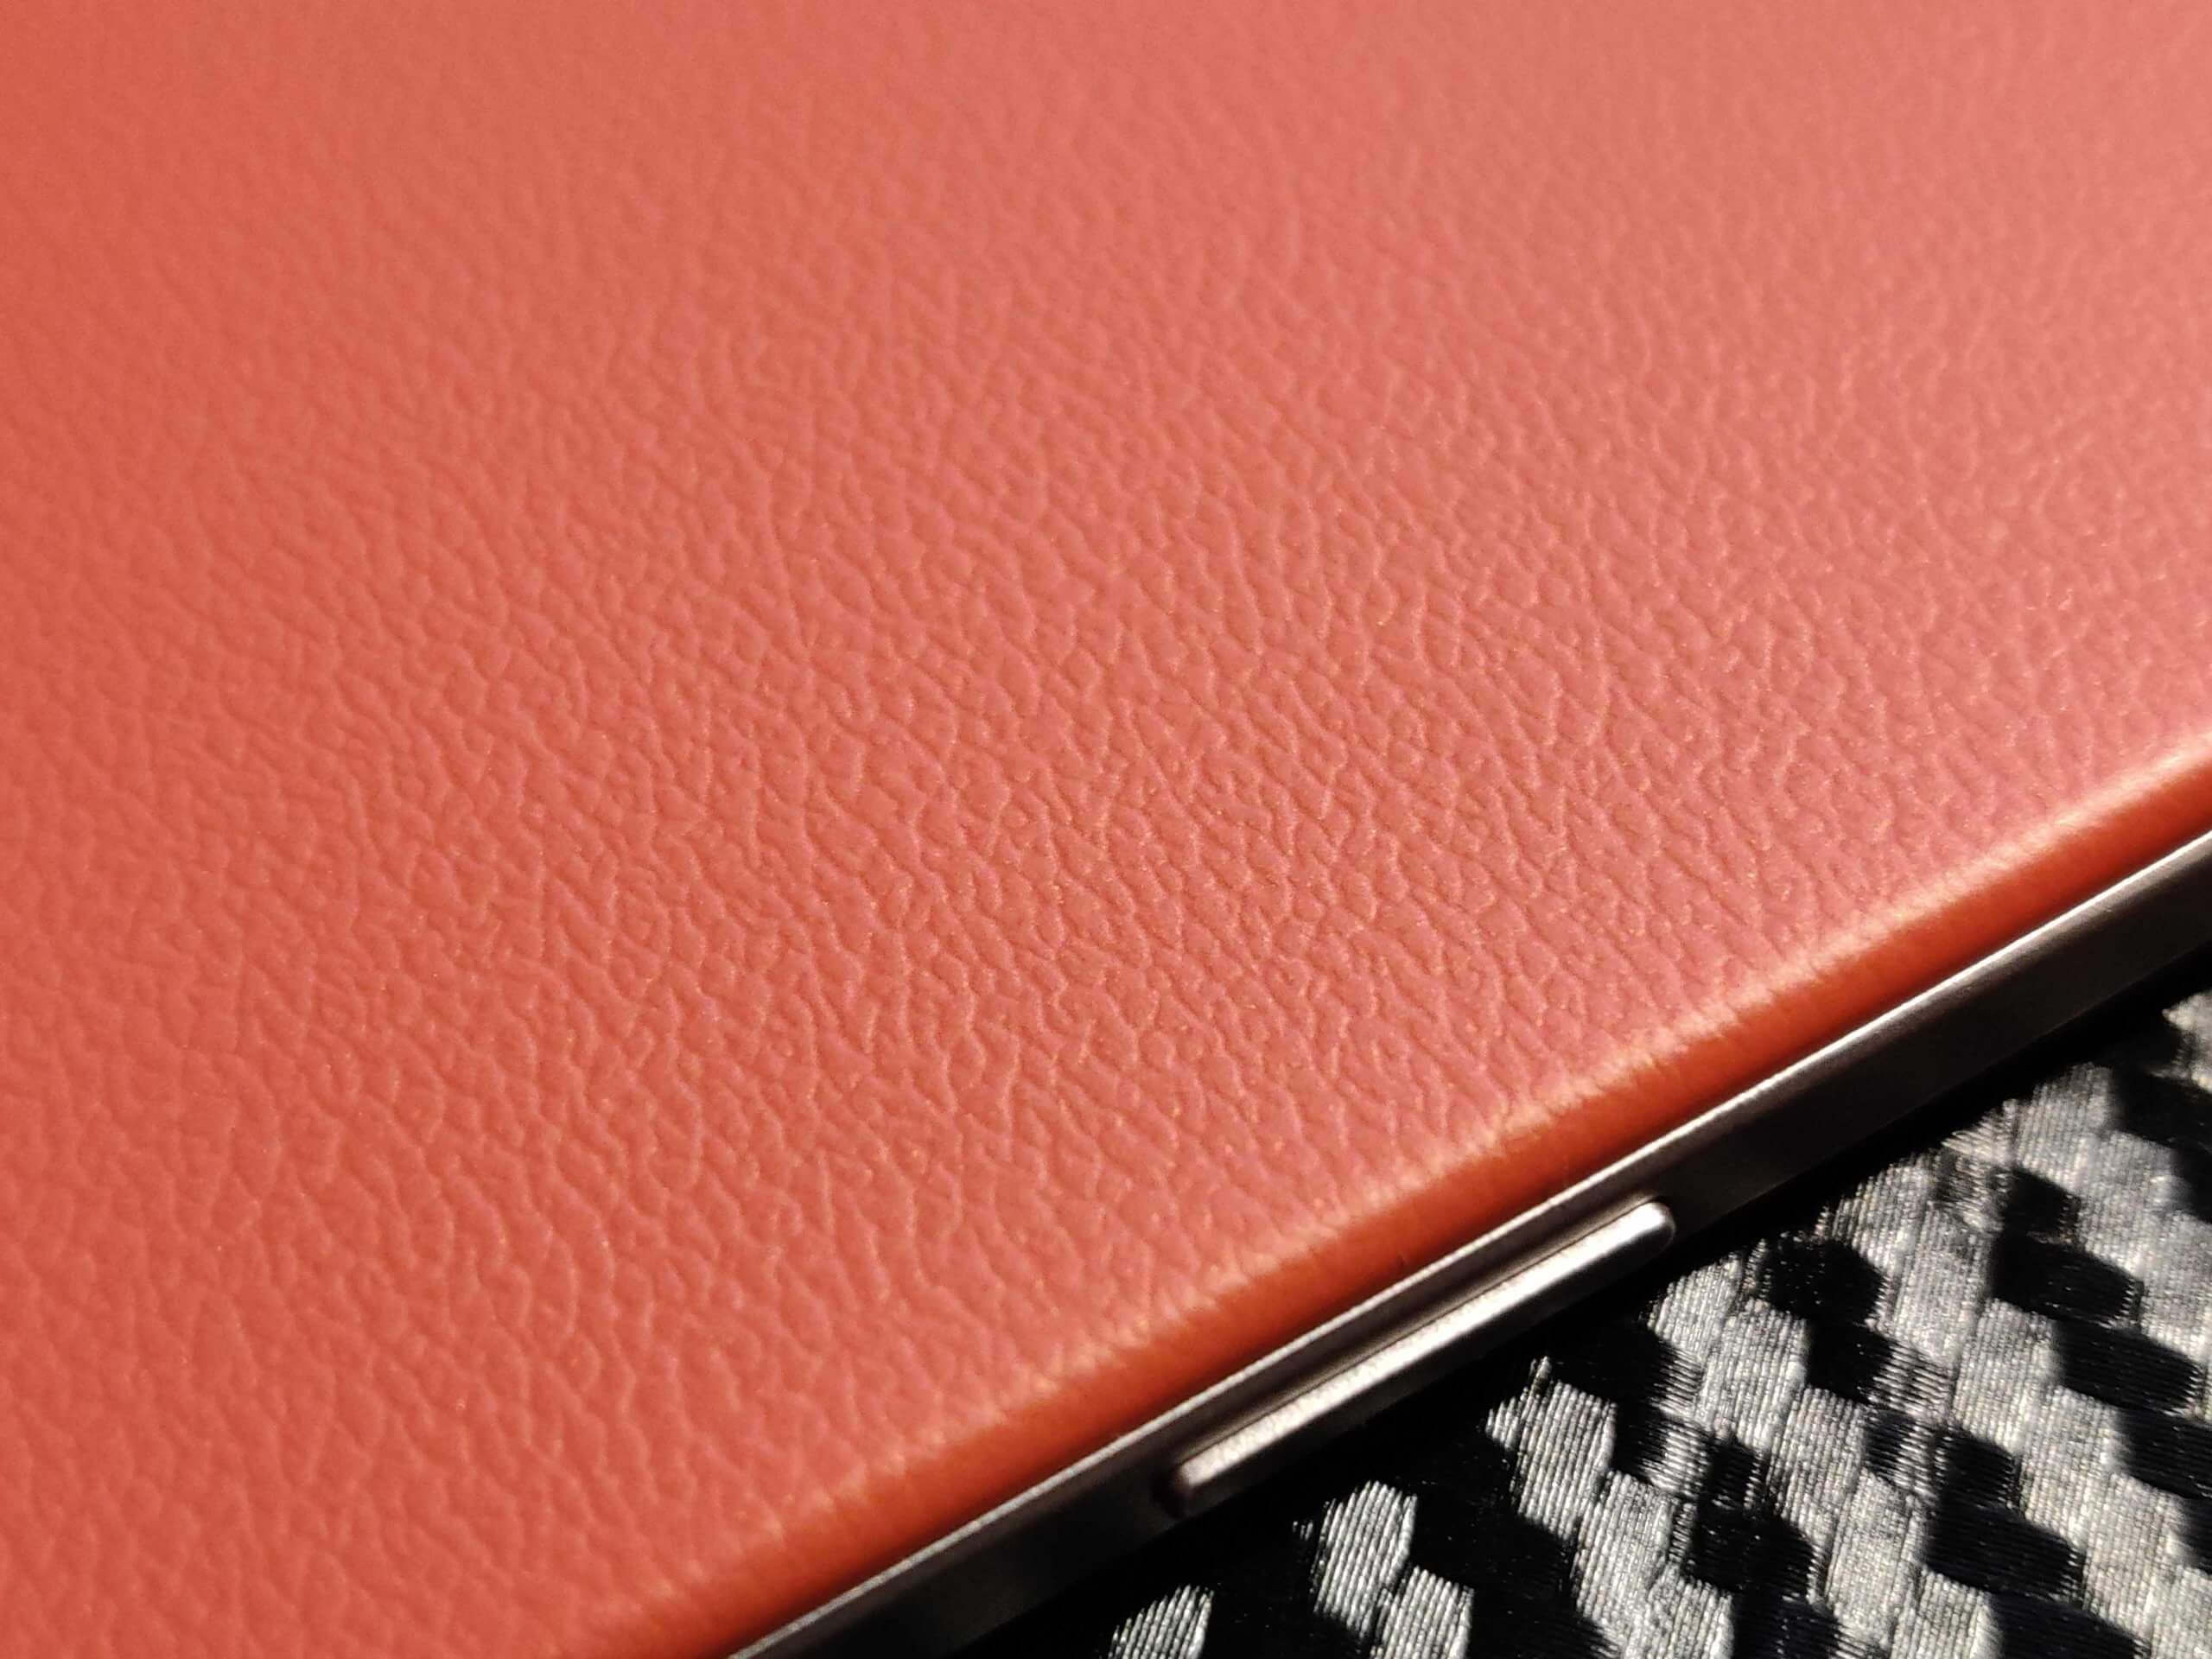 OPPO A73の背面はプラスチックにレザー調のテクスチャ加工が施されている